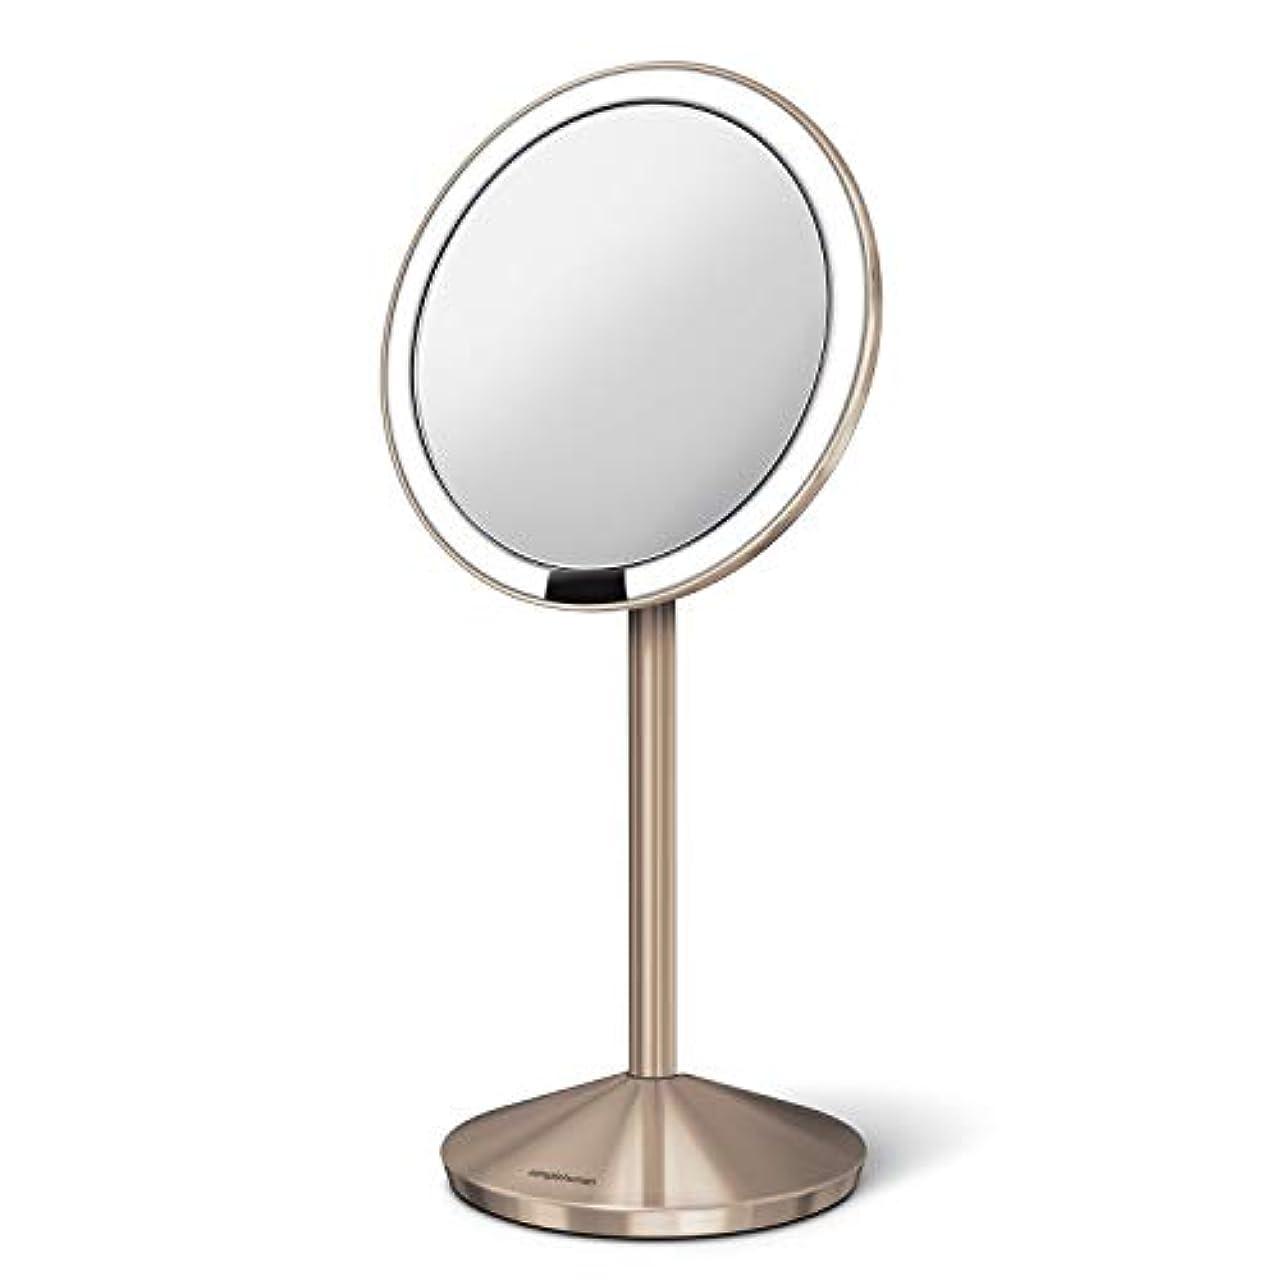 simplehuman 5インチセンサーミラー 照明付きメイクアップミラー 10倍拡大 ステンレススチール 5 inch diameter ゴールド ST3010